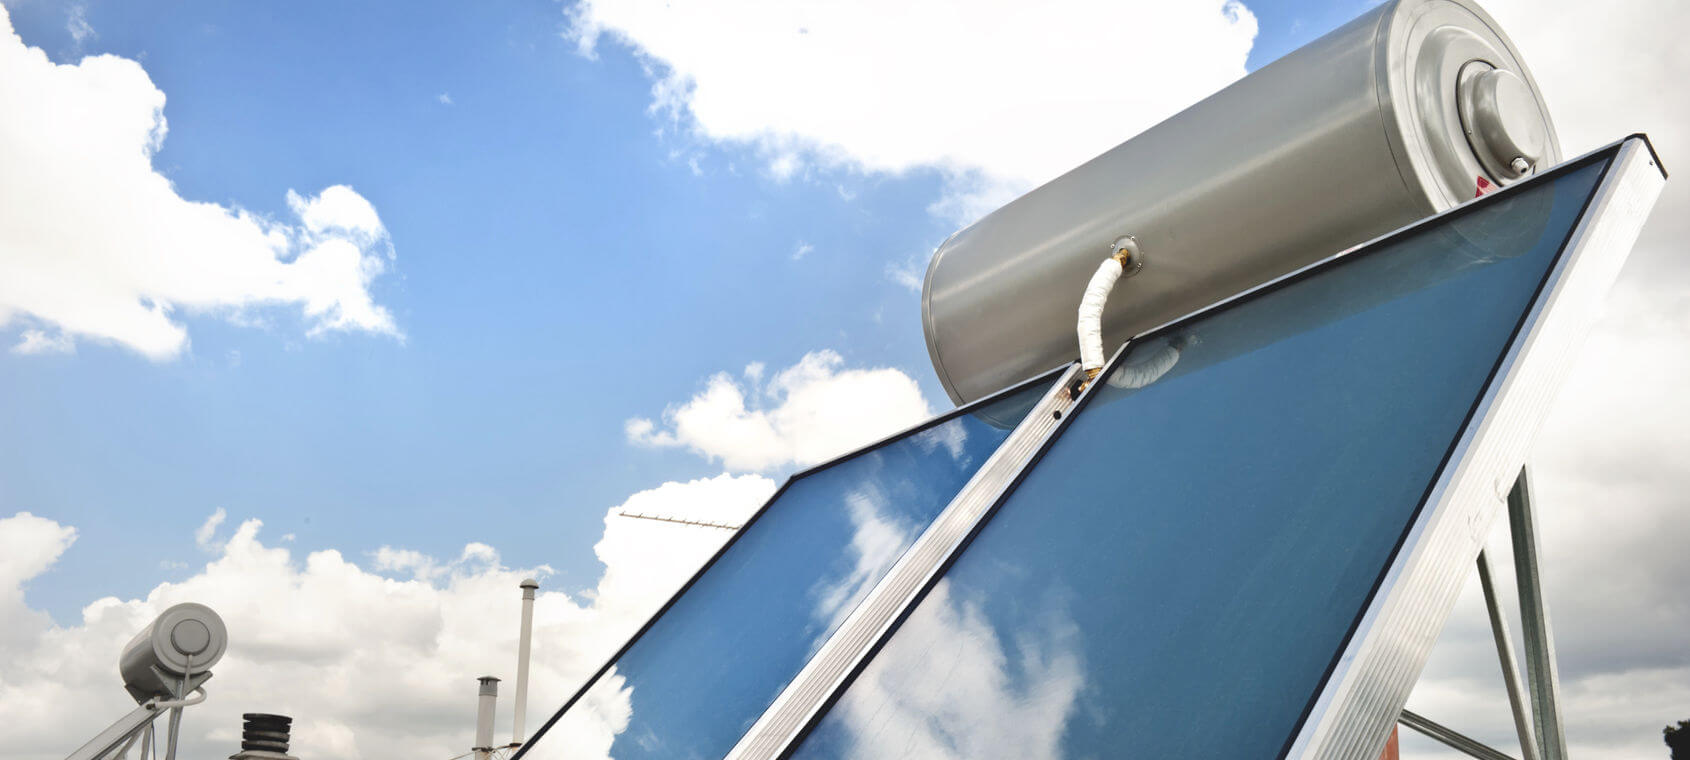 Solare Termico: Come Funziona e Quanto si Risparmia